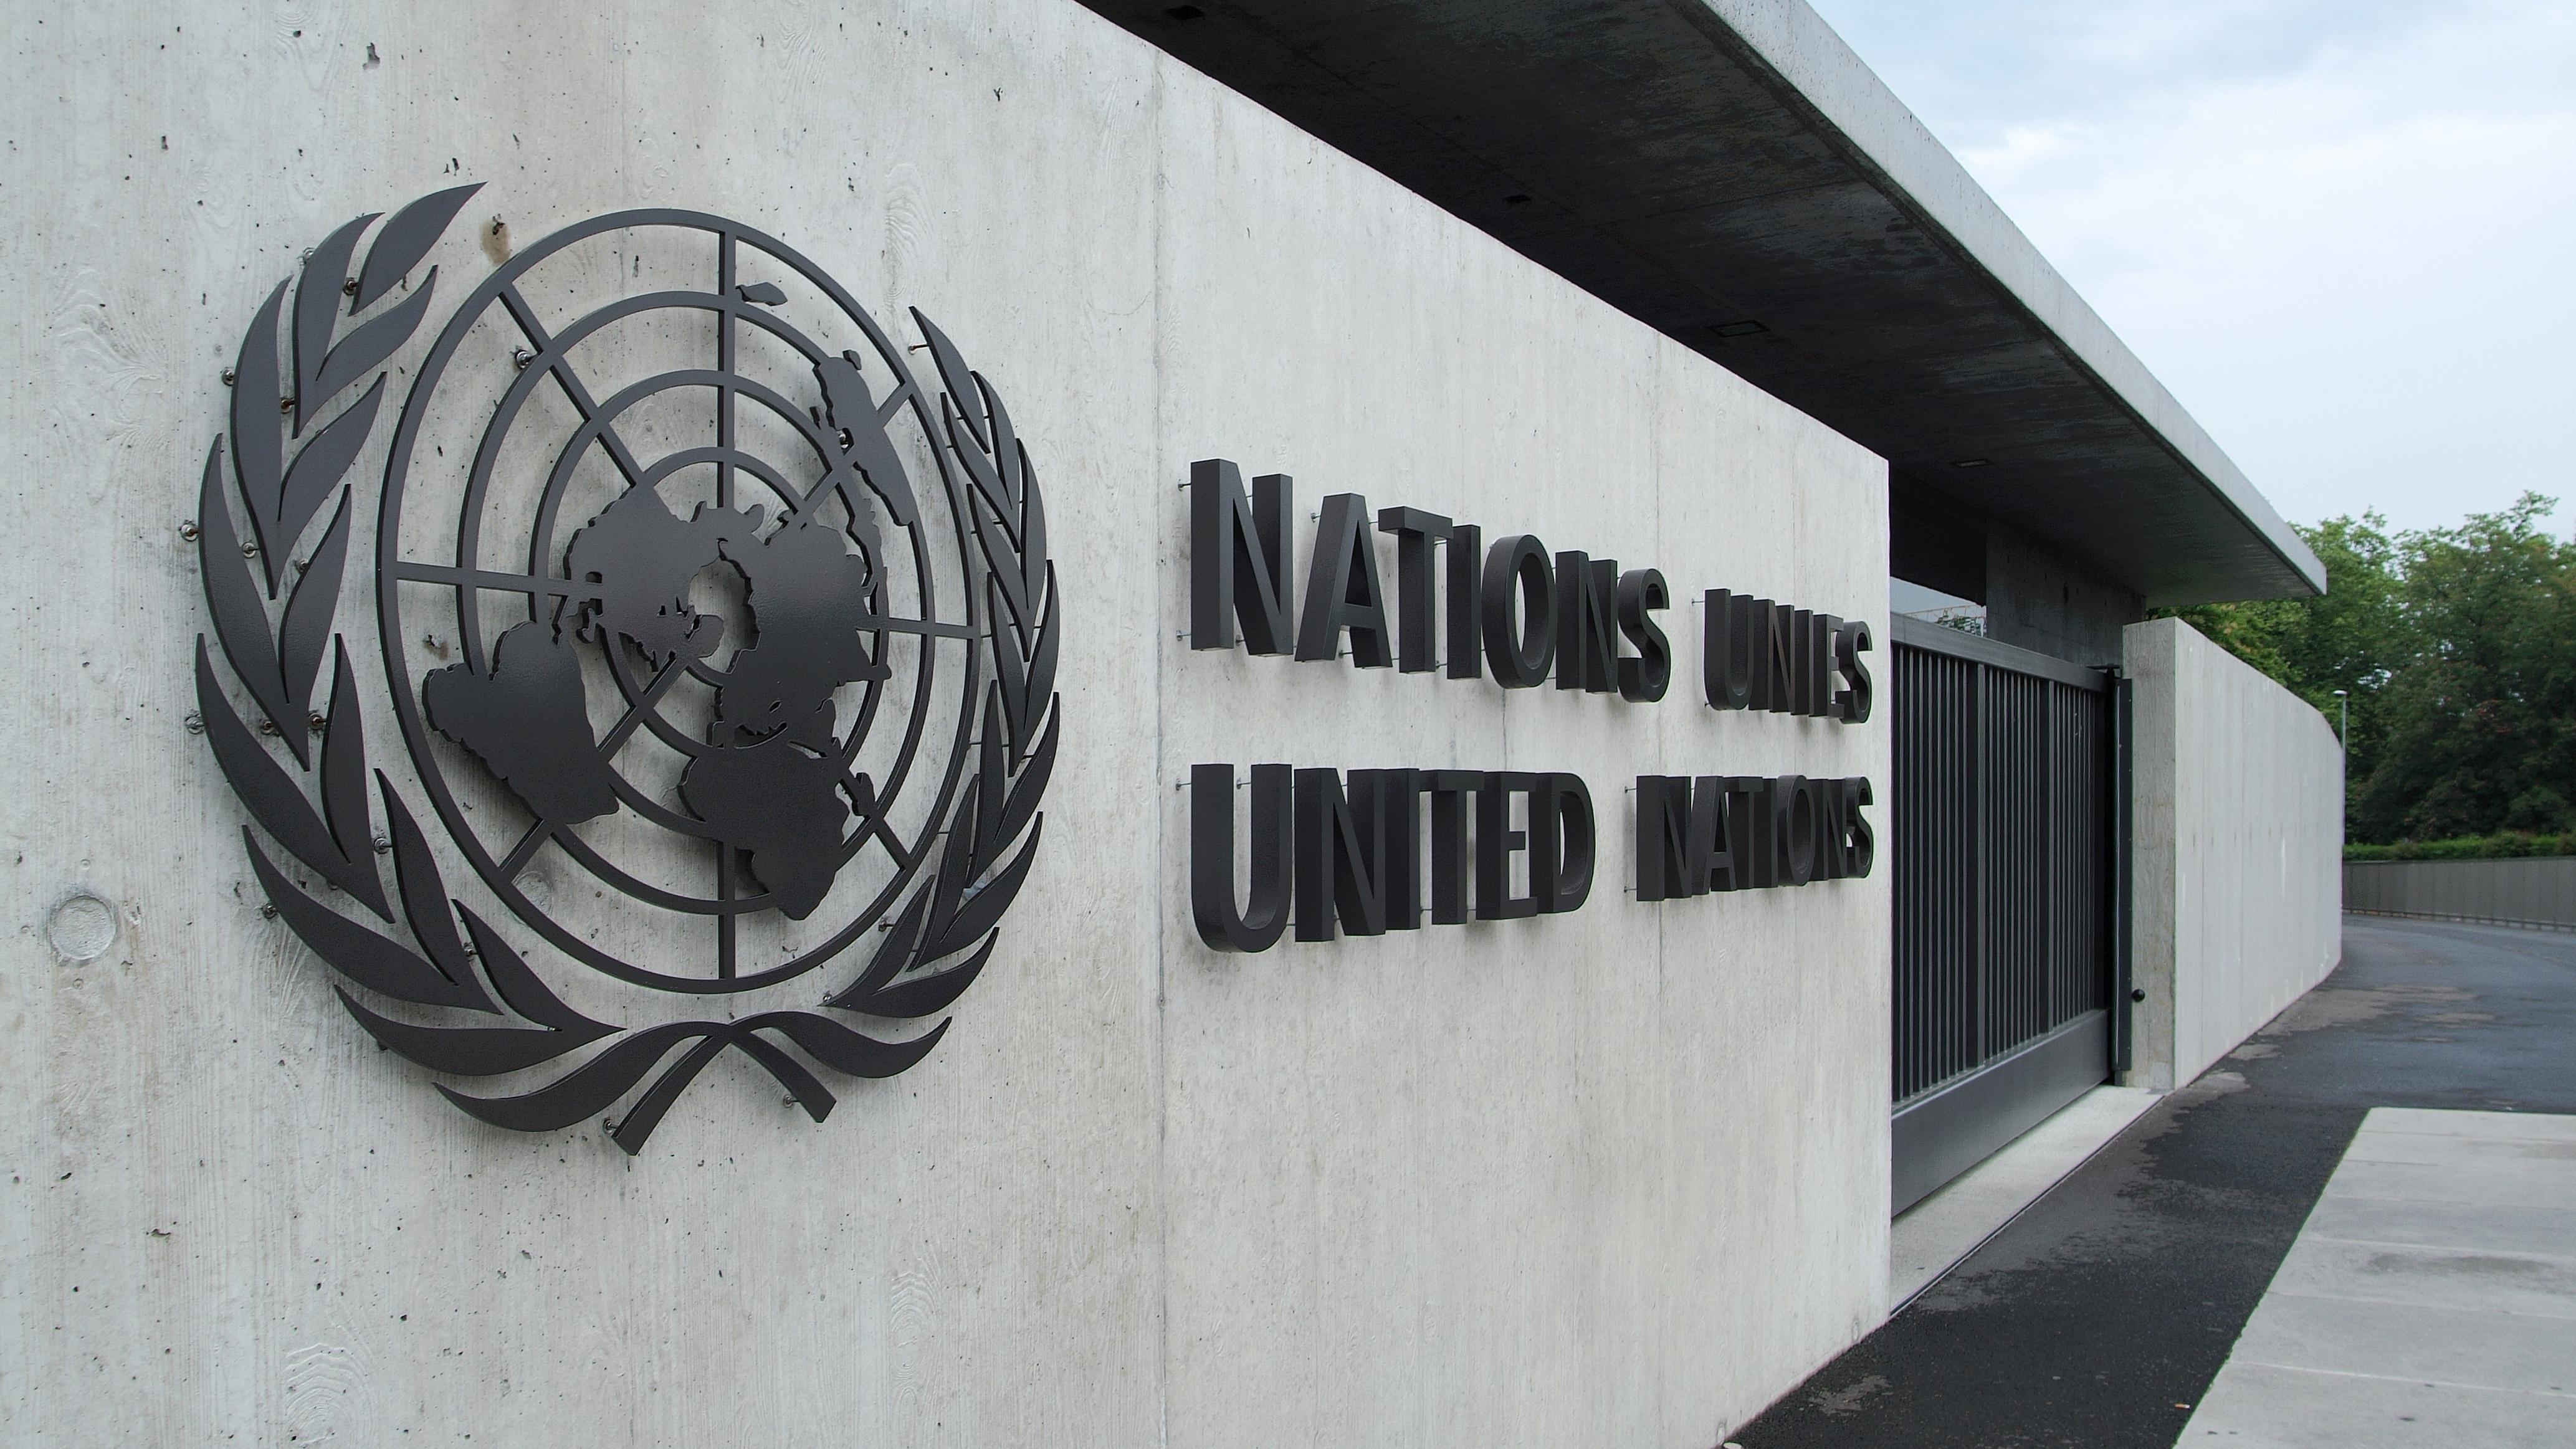 ПВК Вагнера причетна до тортур і масових страт у Центральній Африці – ООН